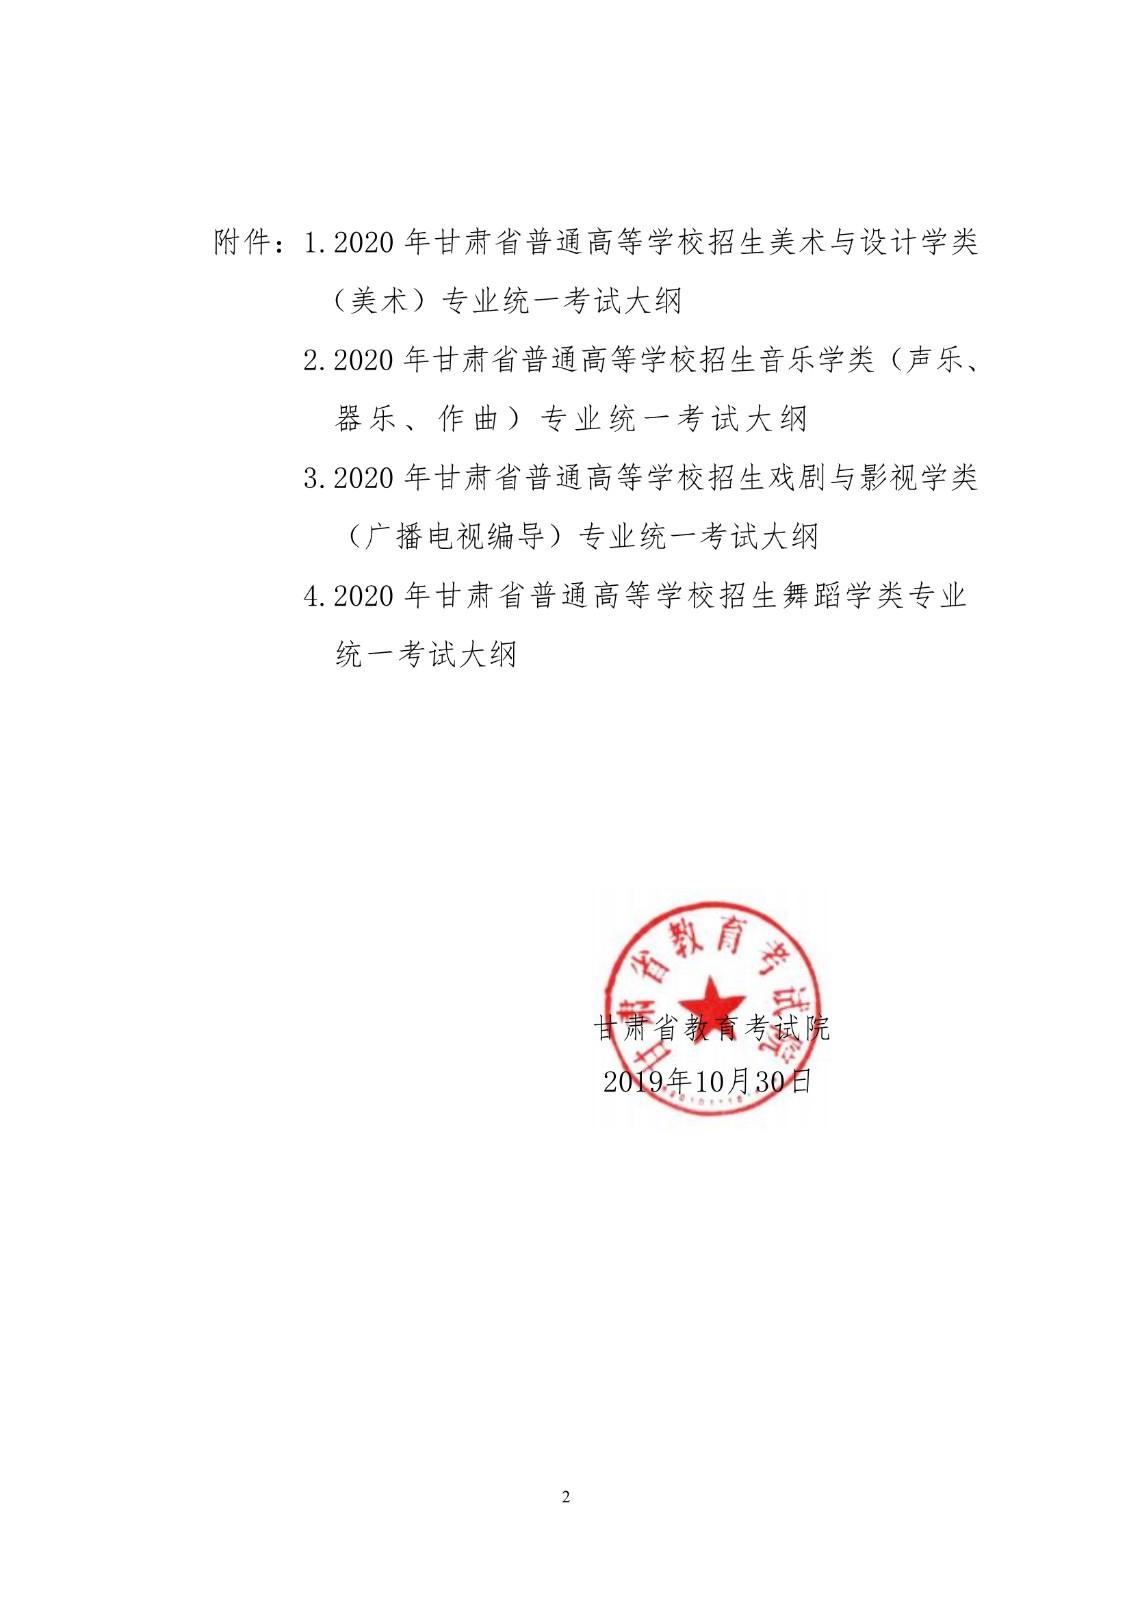 2020年甘肃省普通高校招生艺术类专业统一考试大纲